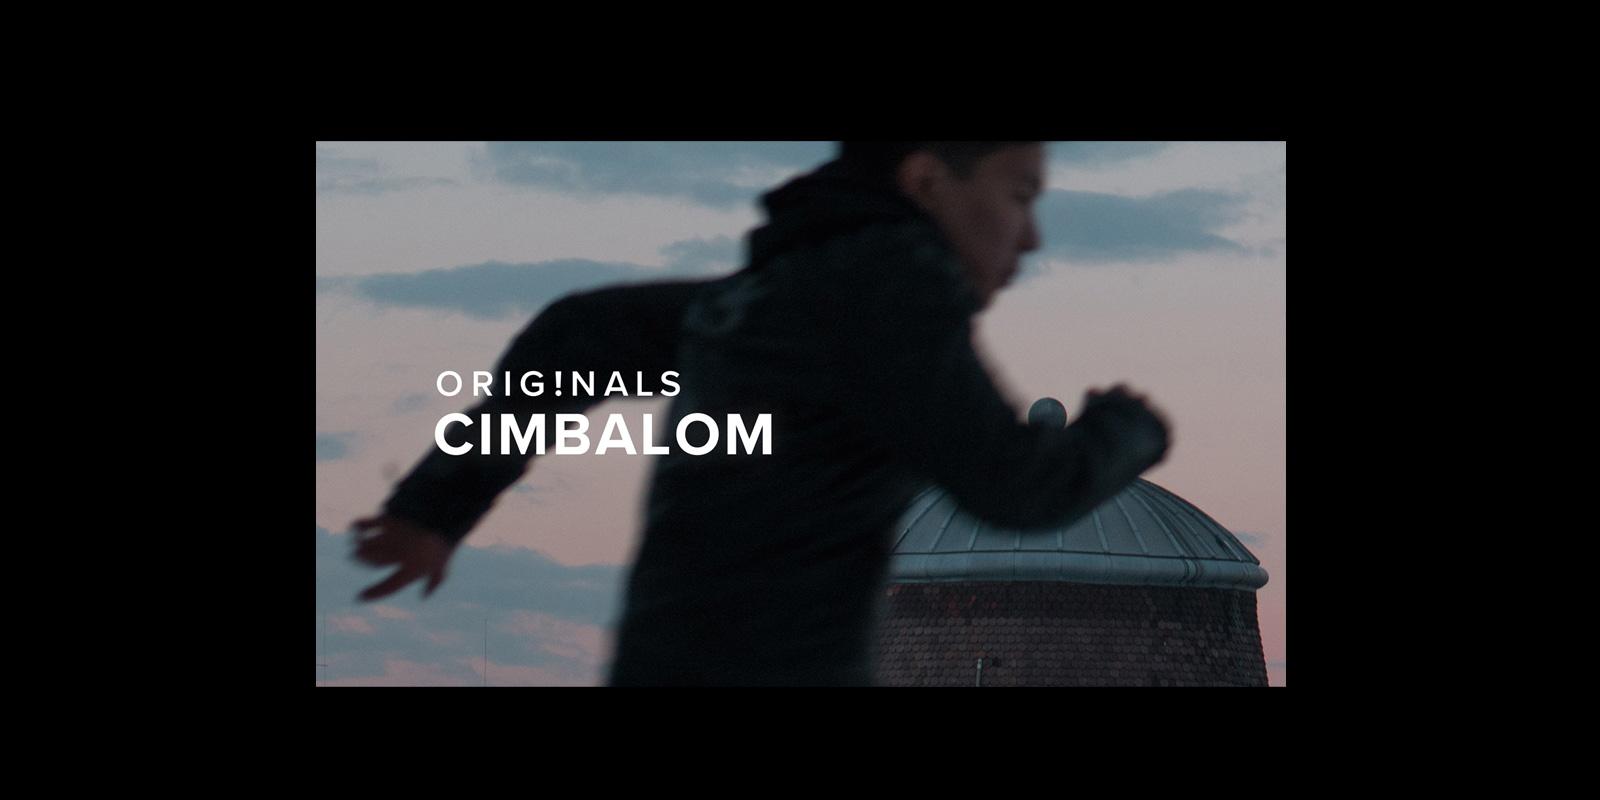 Spitfire add Cimbalom to Originals